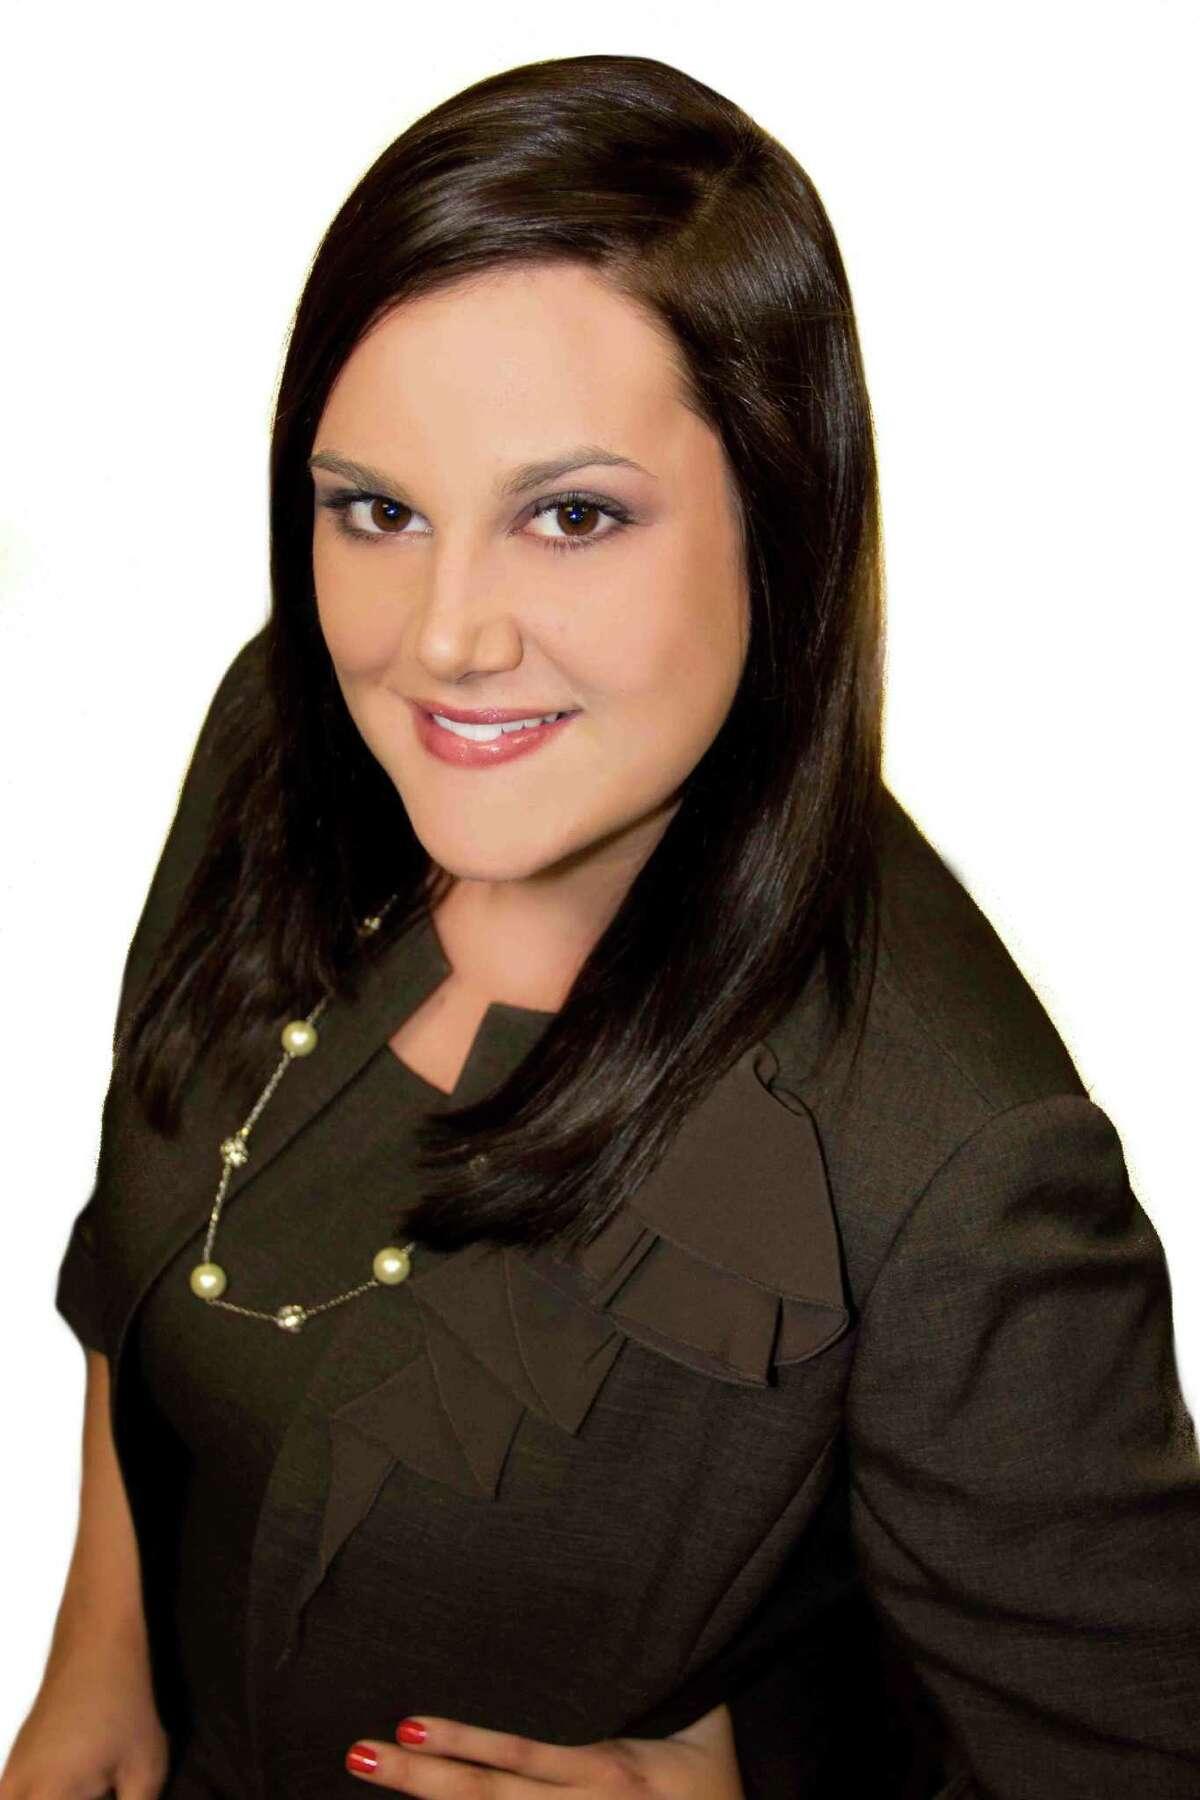 Colleen Merritt